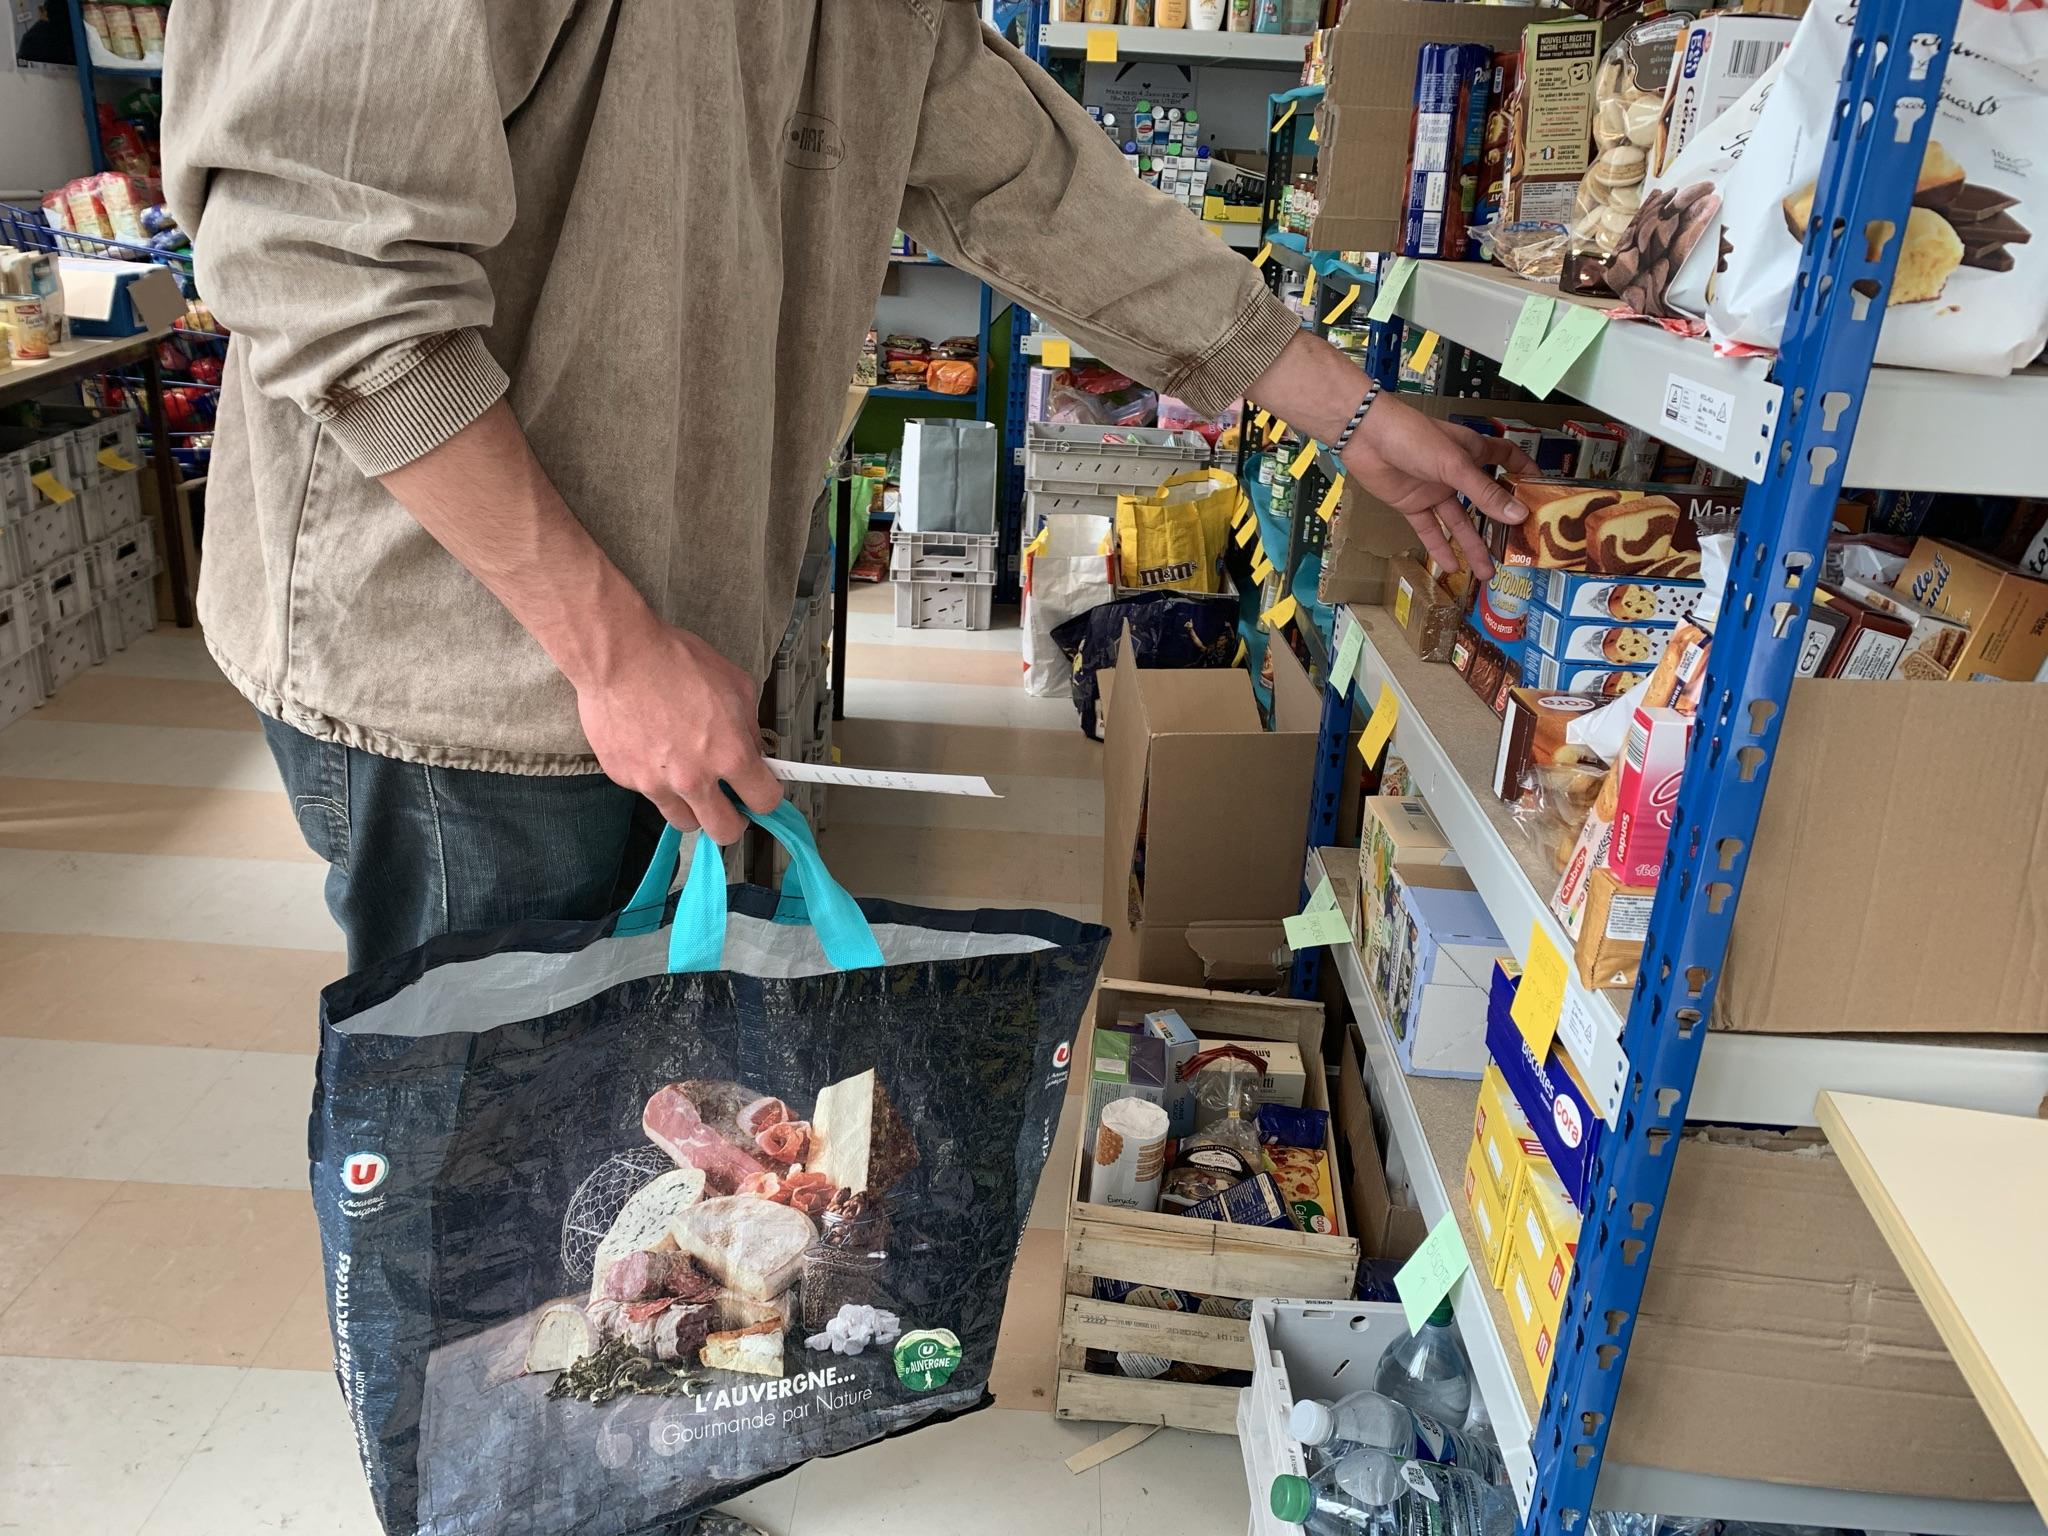 Une épicerie solidaire au cœur de l'UTBM à Sevenans